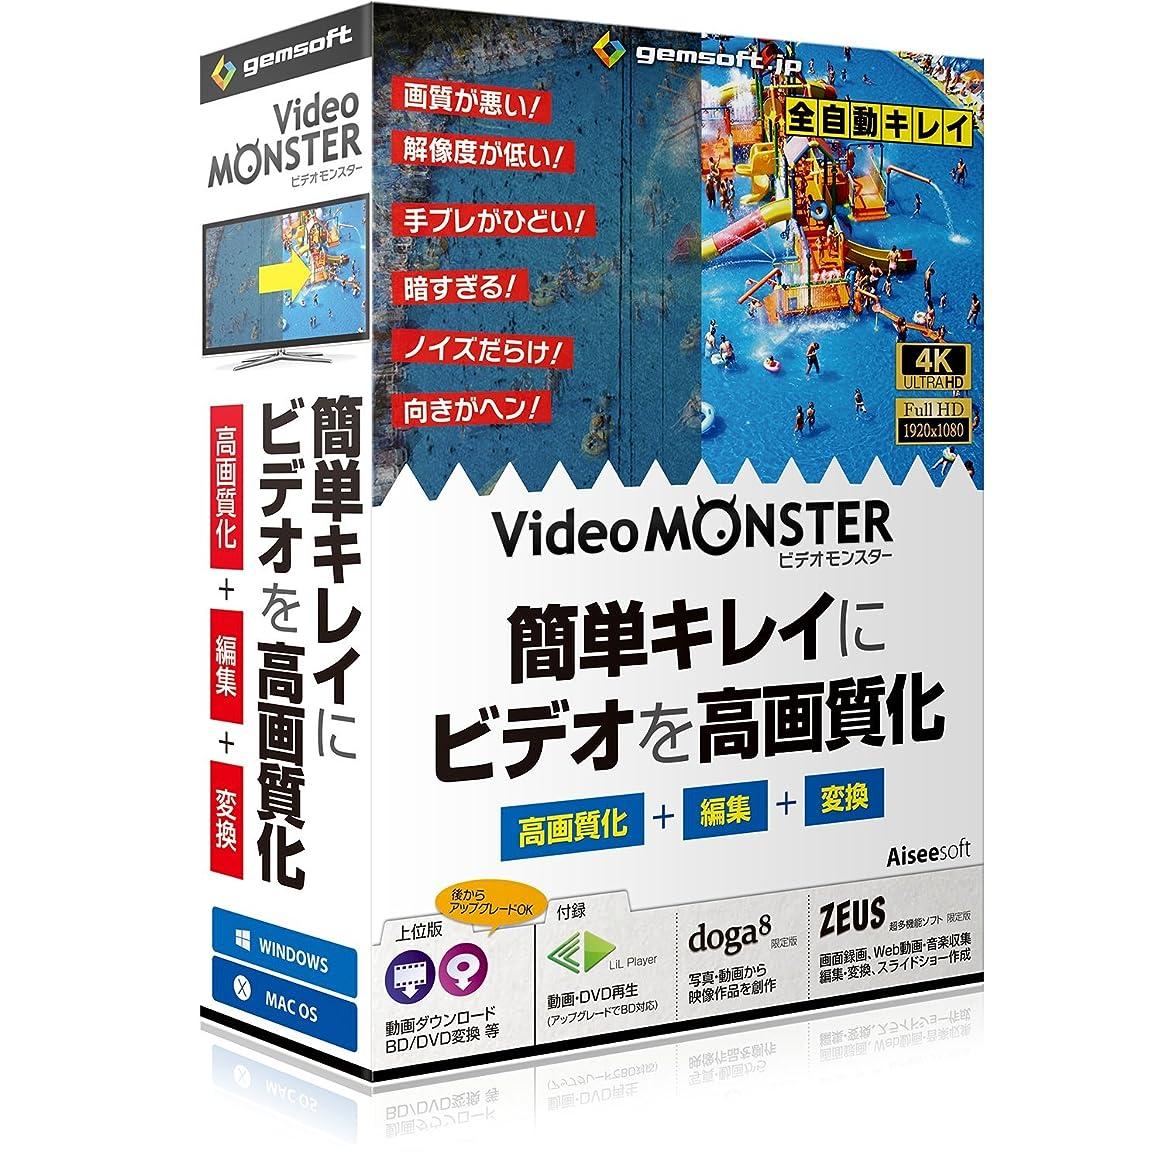 かわす影買うVideo MONSTER ?ビデオを簡単キレイに高画質化?編集?変換! | ボックス版 | Win or Mac対応